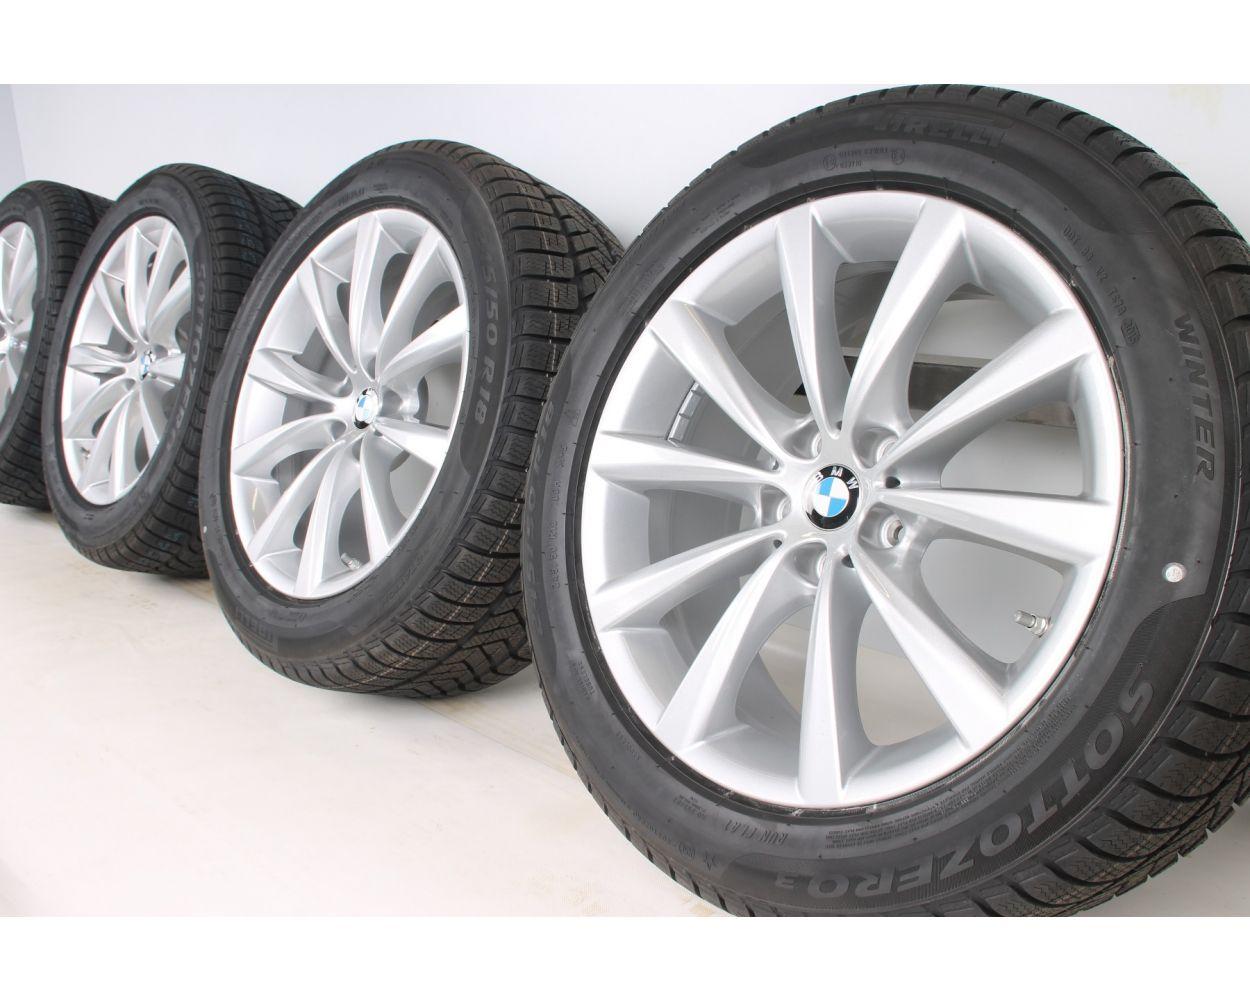 Bmw Winter Wheels 6er G32 7er G11 G12 18 Zoll 642 V Spoke Rdc Silber